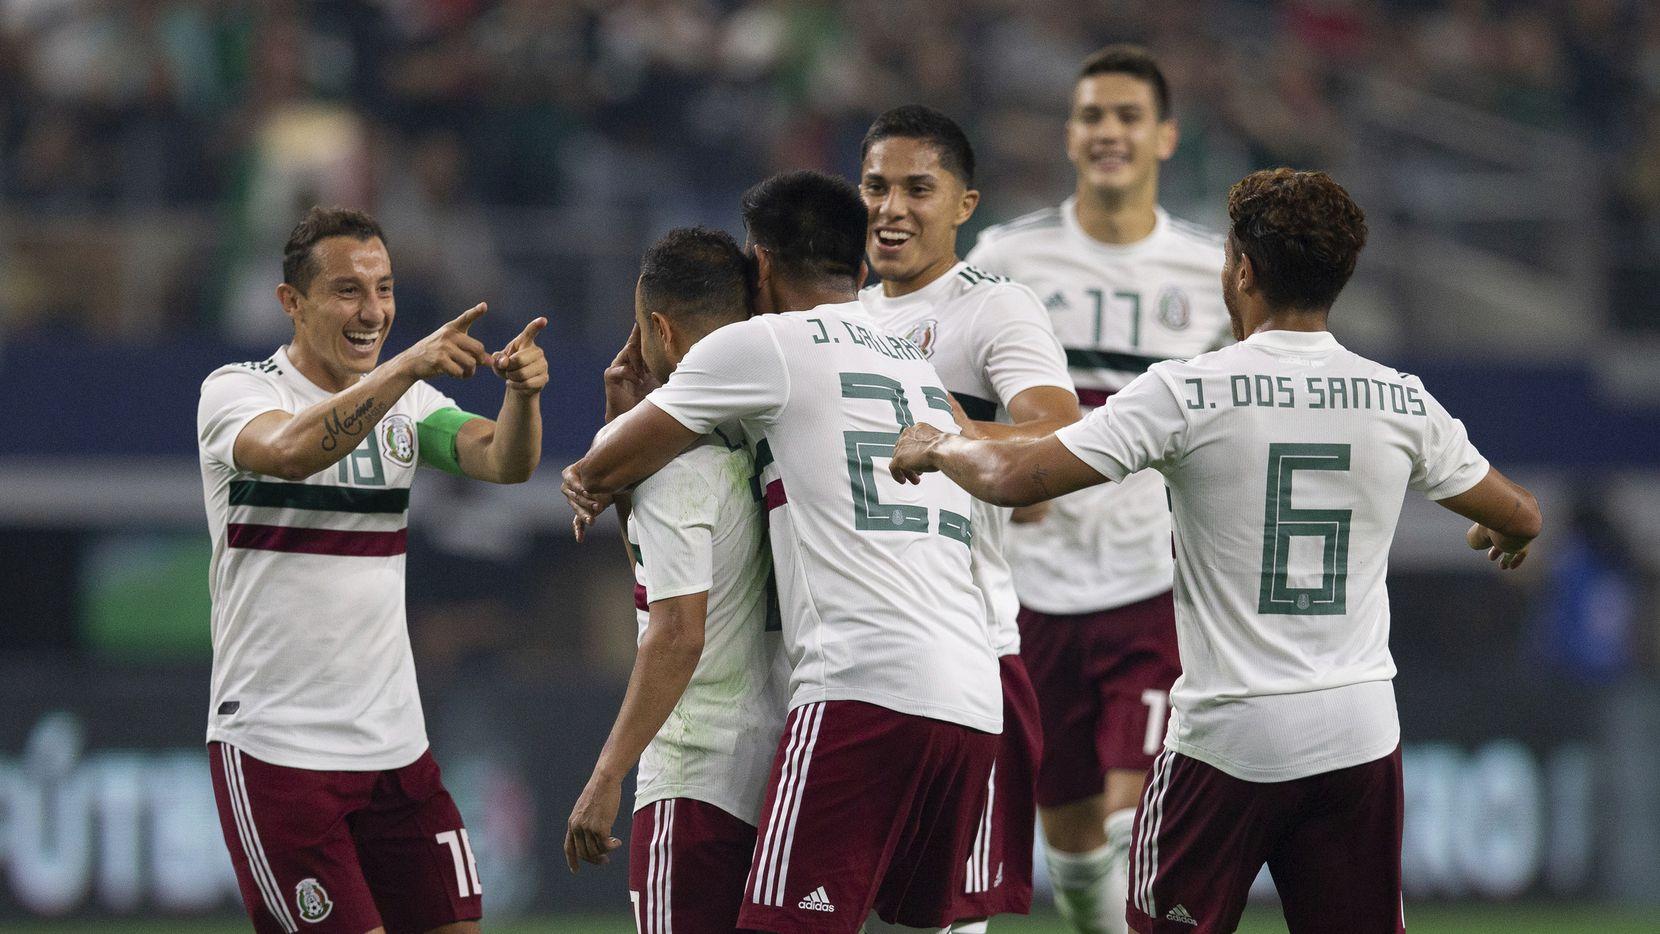 México enfrenta a la selección de Bermuda el viernes 11 de octubre, en el primer juego de Concacaf Liga de Naciones.